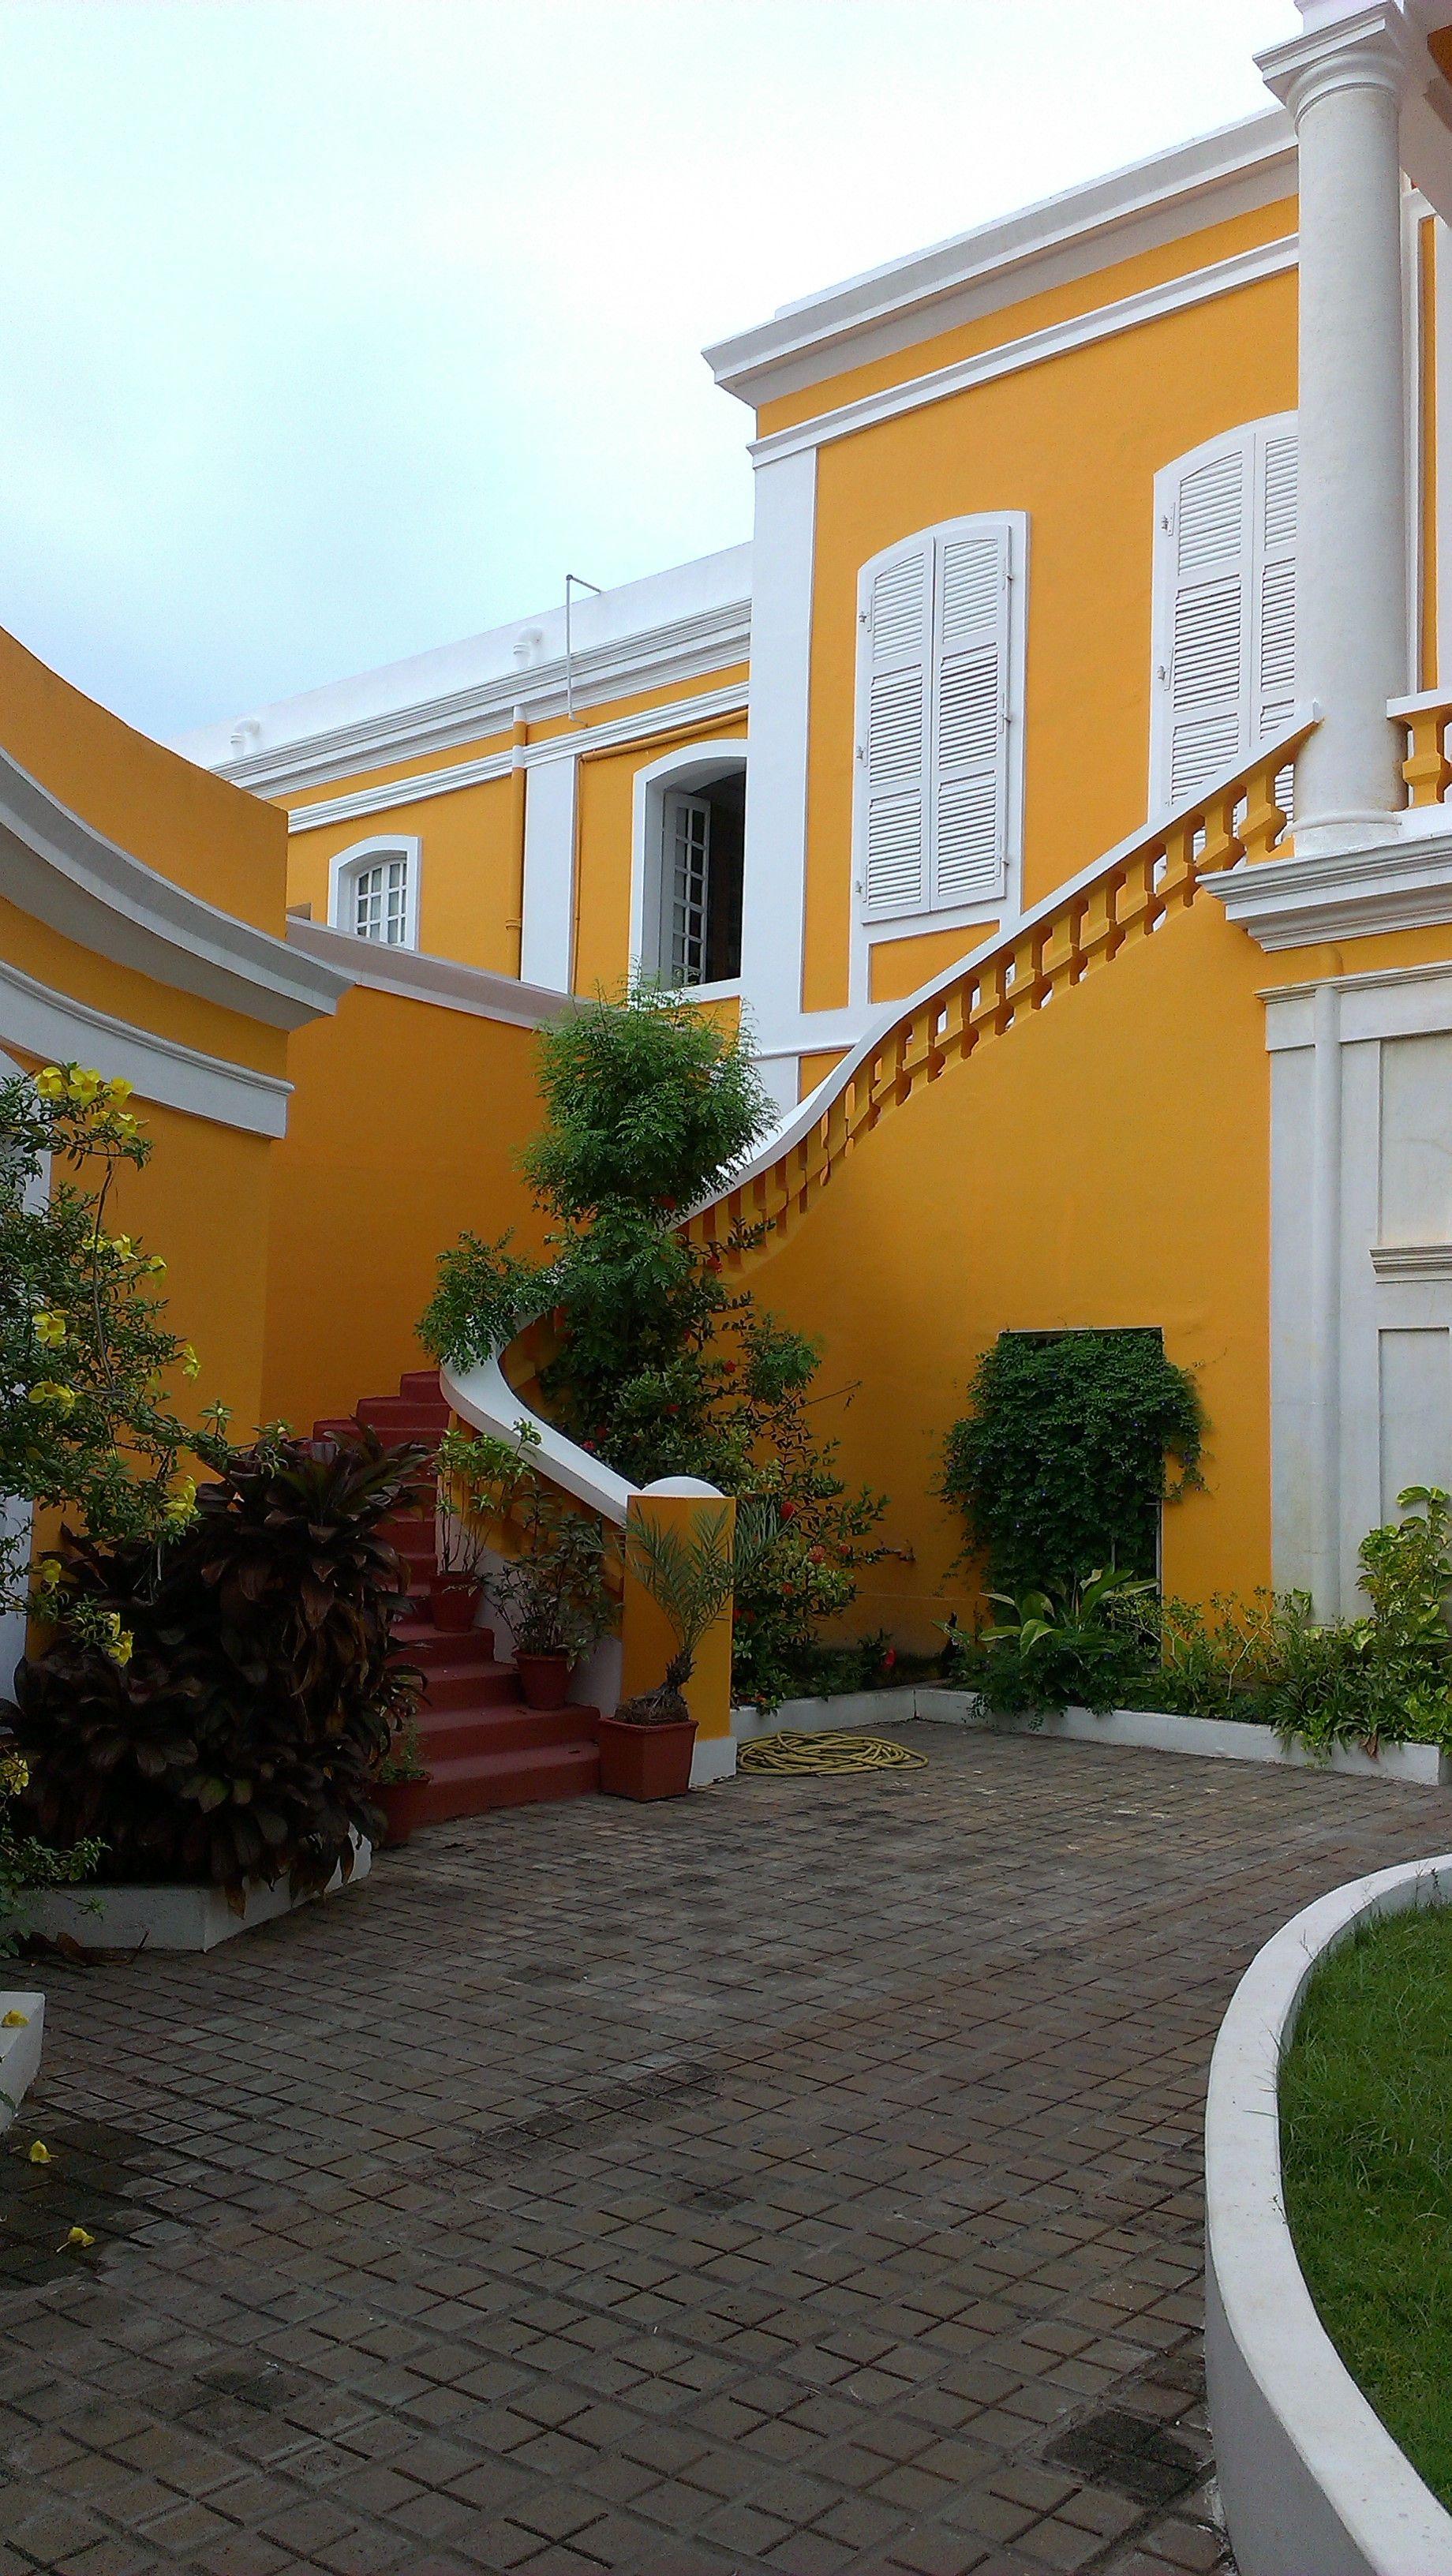 French Institute Pondicherry Travelling To Chennai Pondicherry